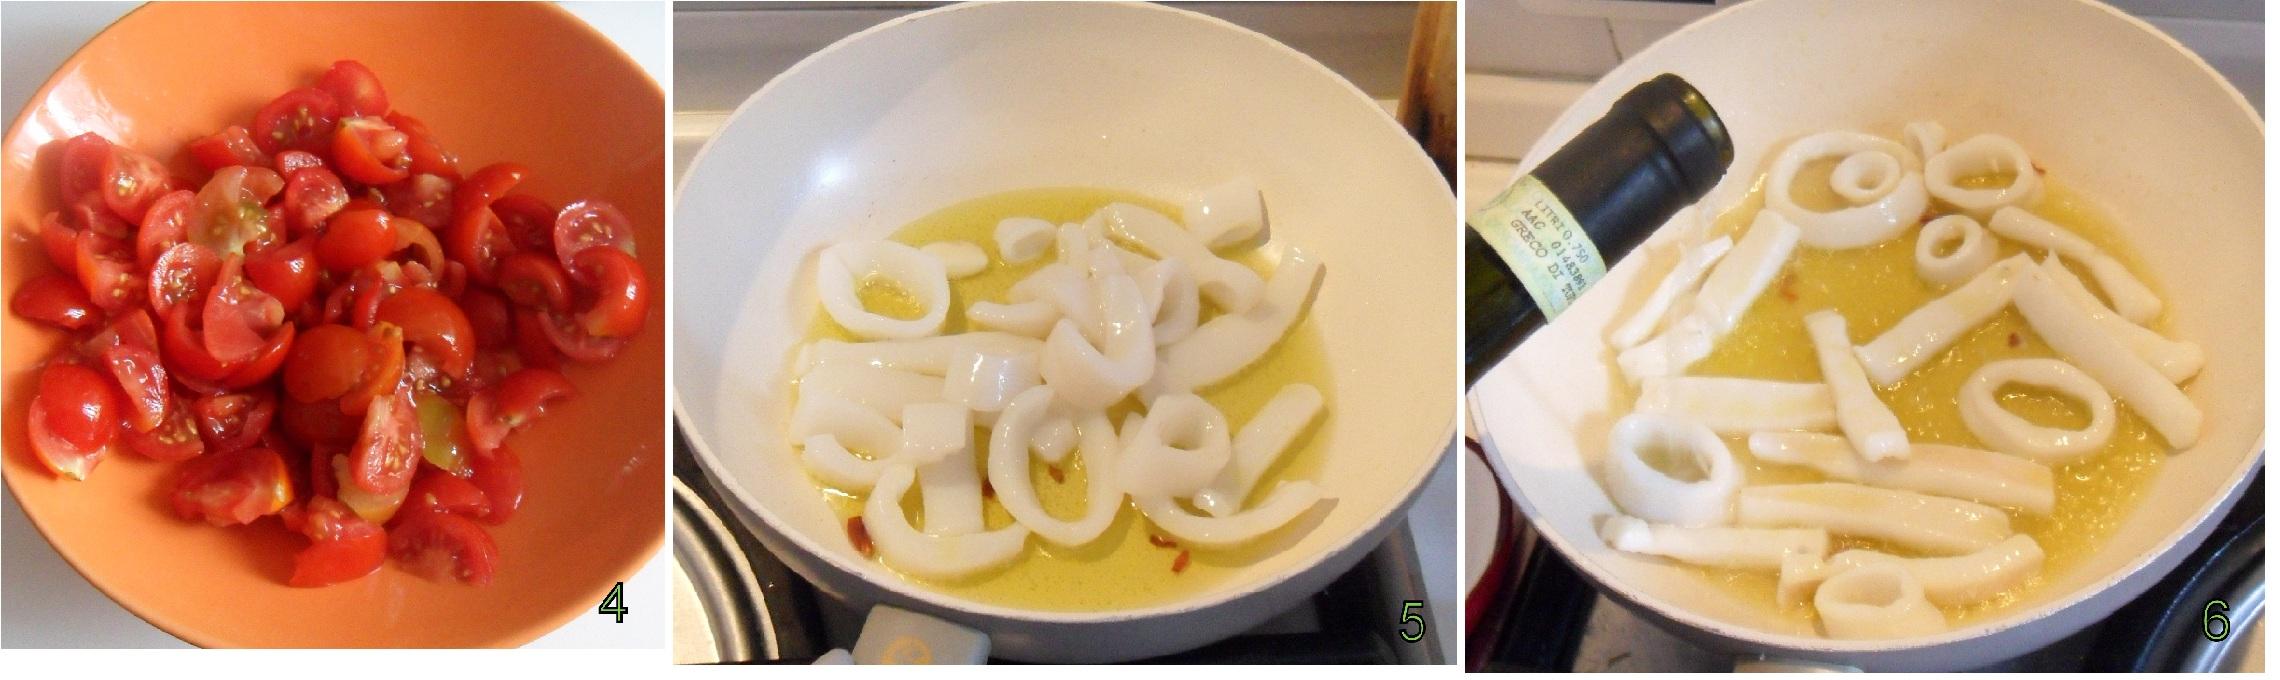 Calamarata ricetta napoletana il chicco di mais 2